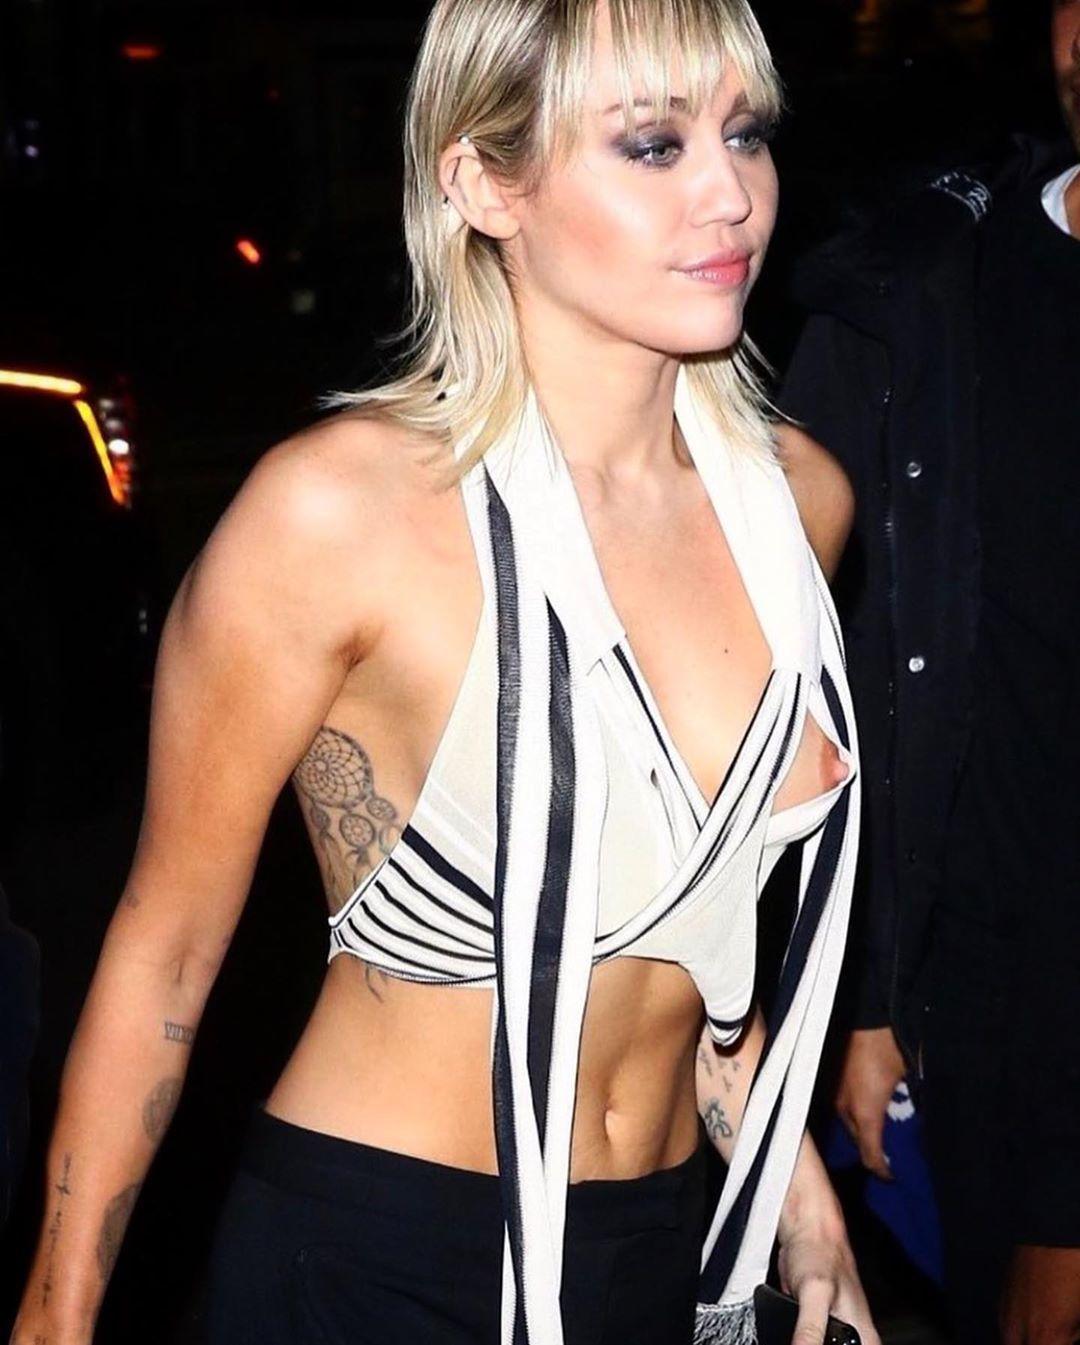 Miley Cyrusová neuhlídala výstřih